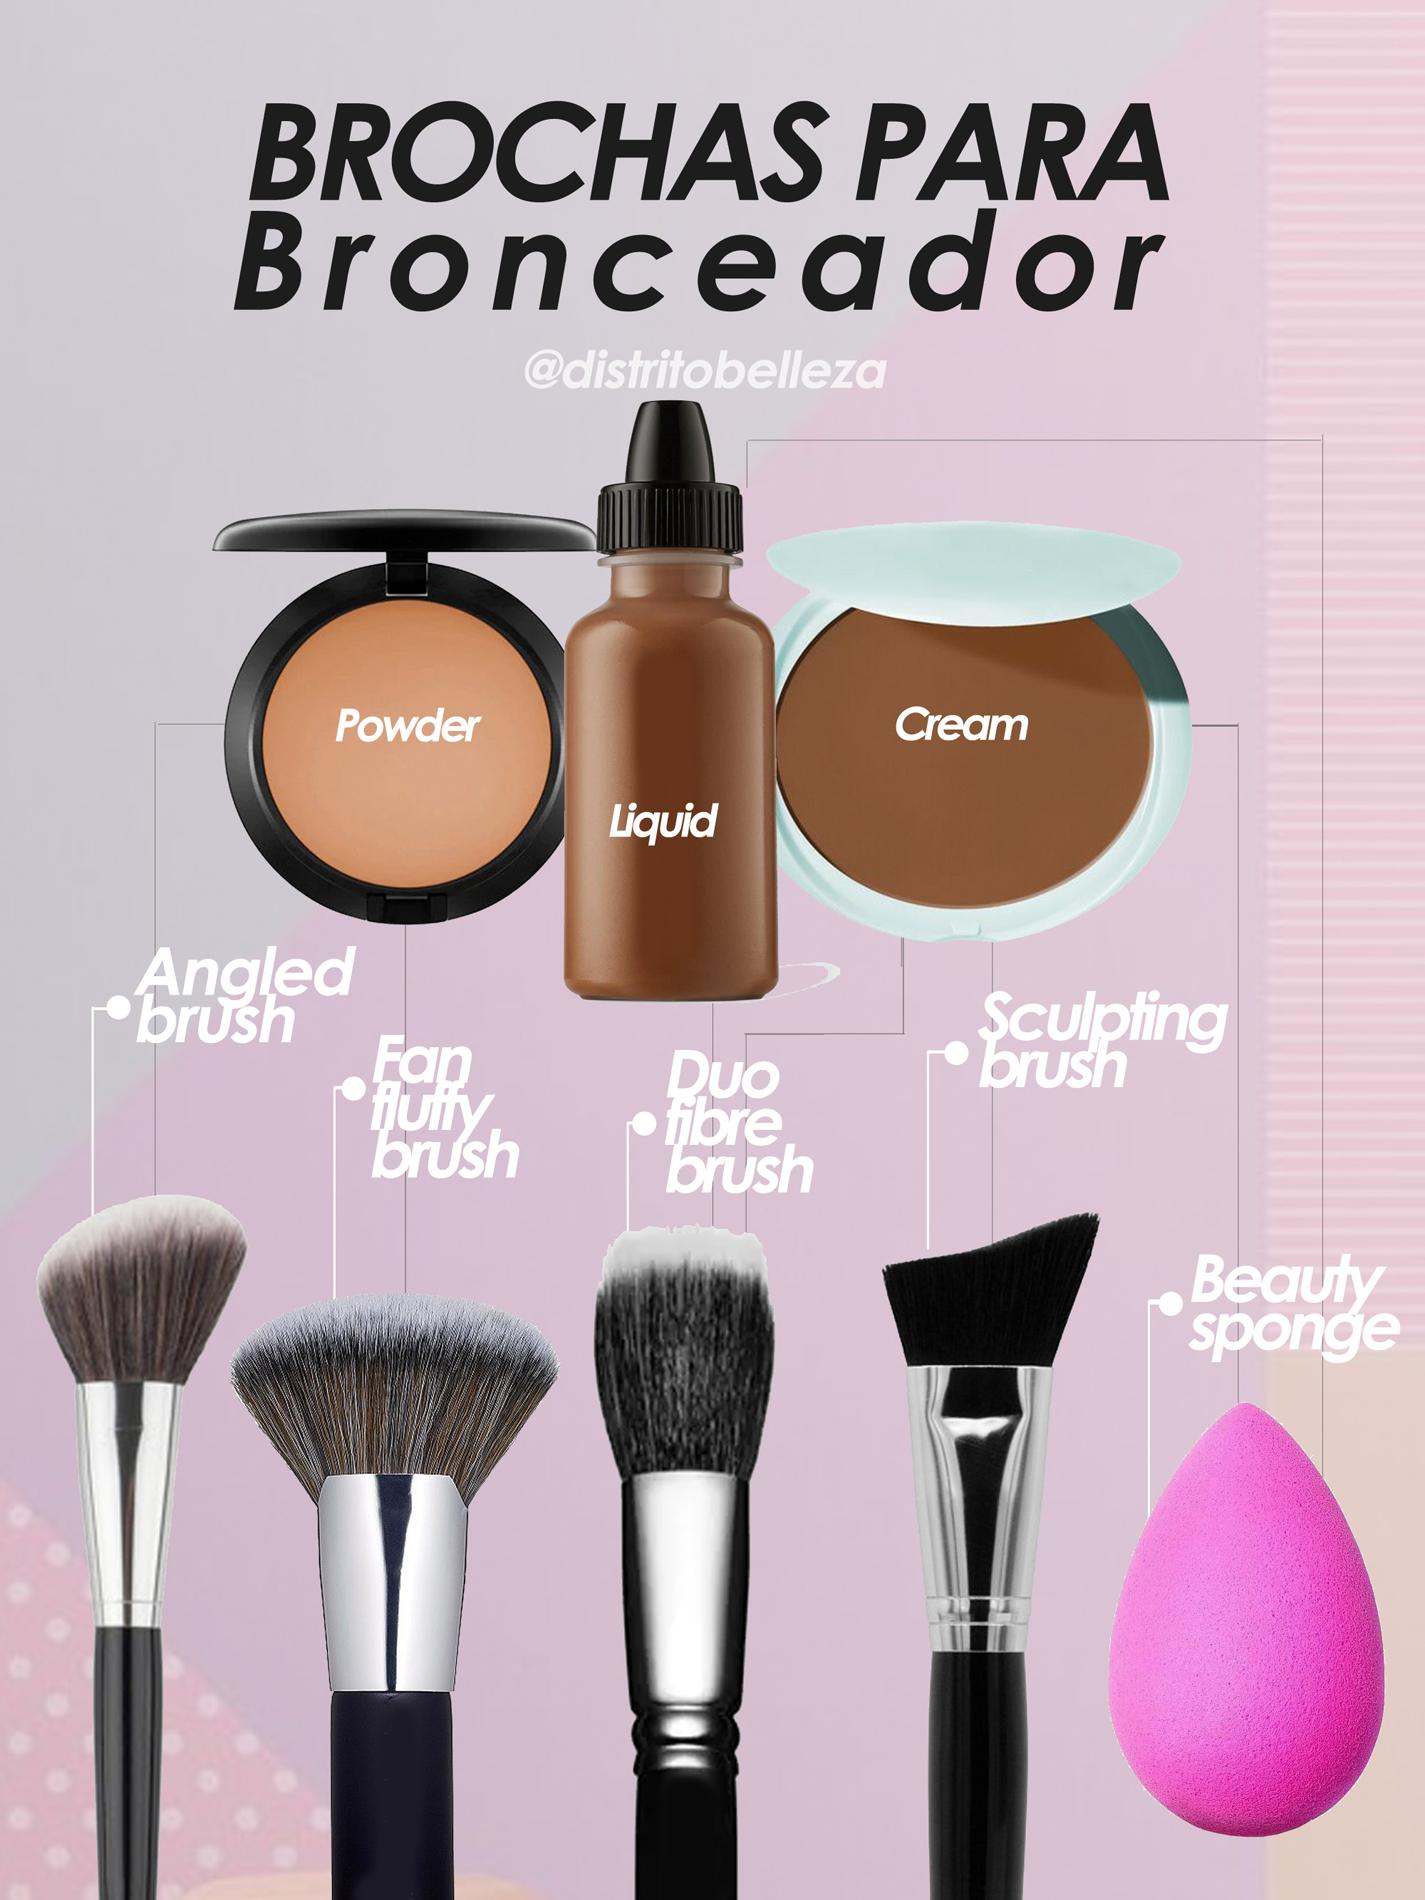 brochas de maquillaje para bronceador distrito belleza